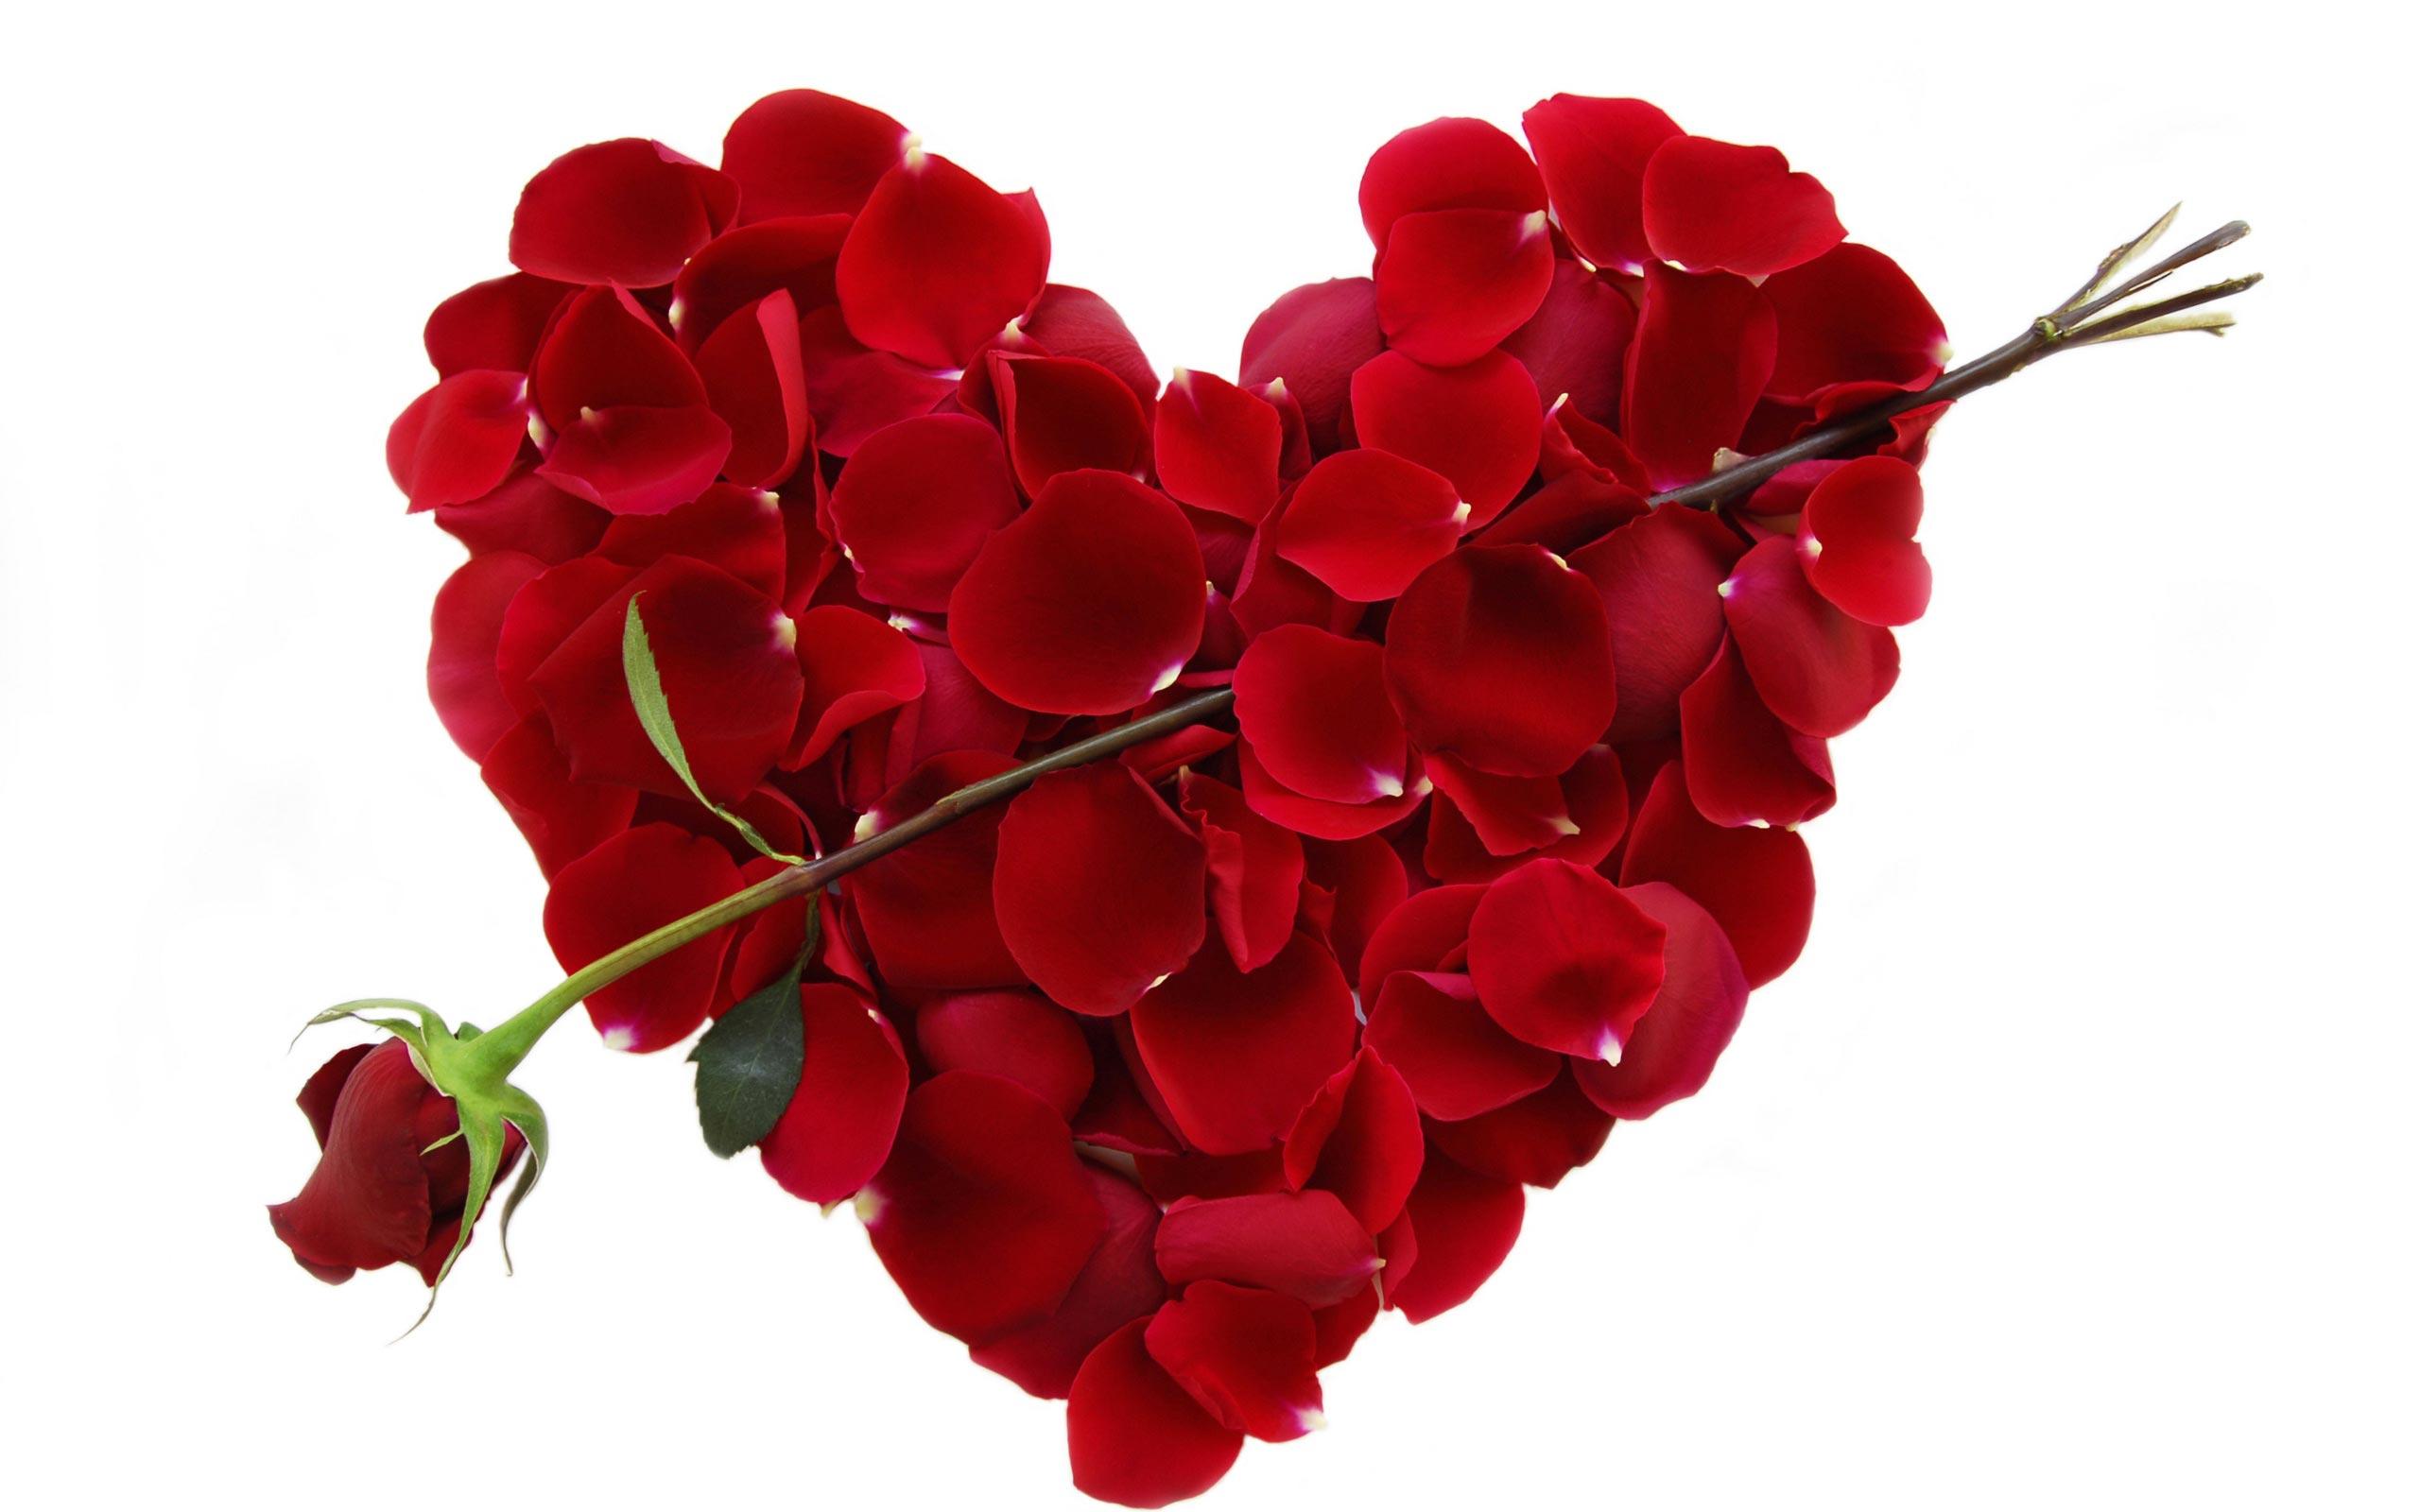 Happy Valentines Day Desktop Background   Wallpaper High Definition 2560x1600